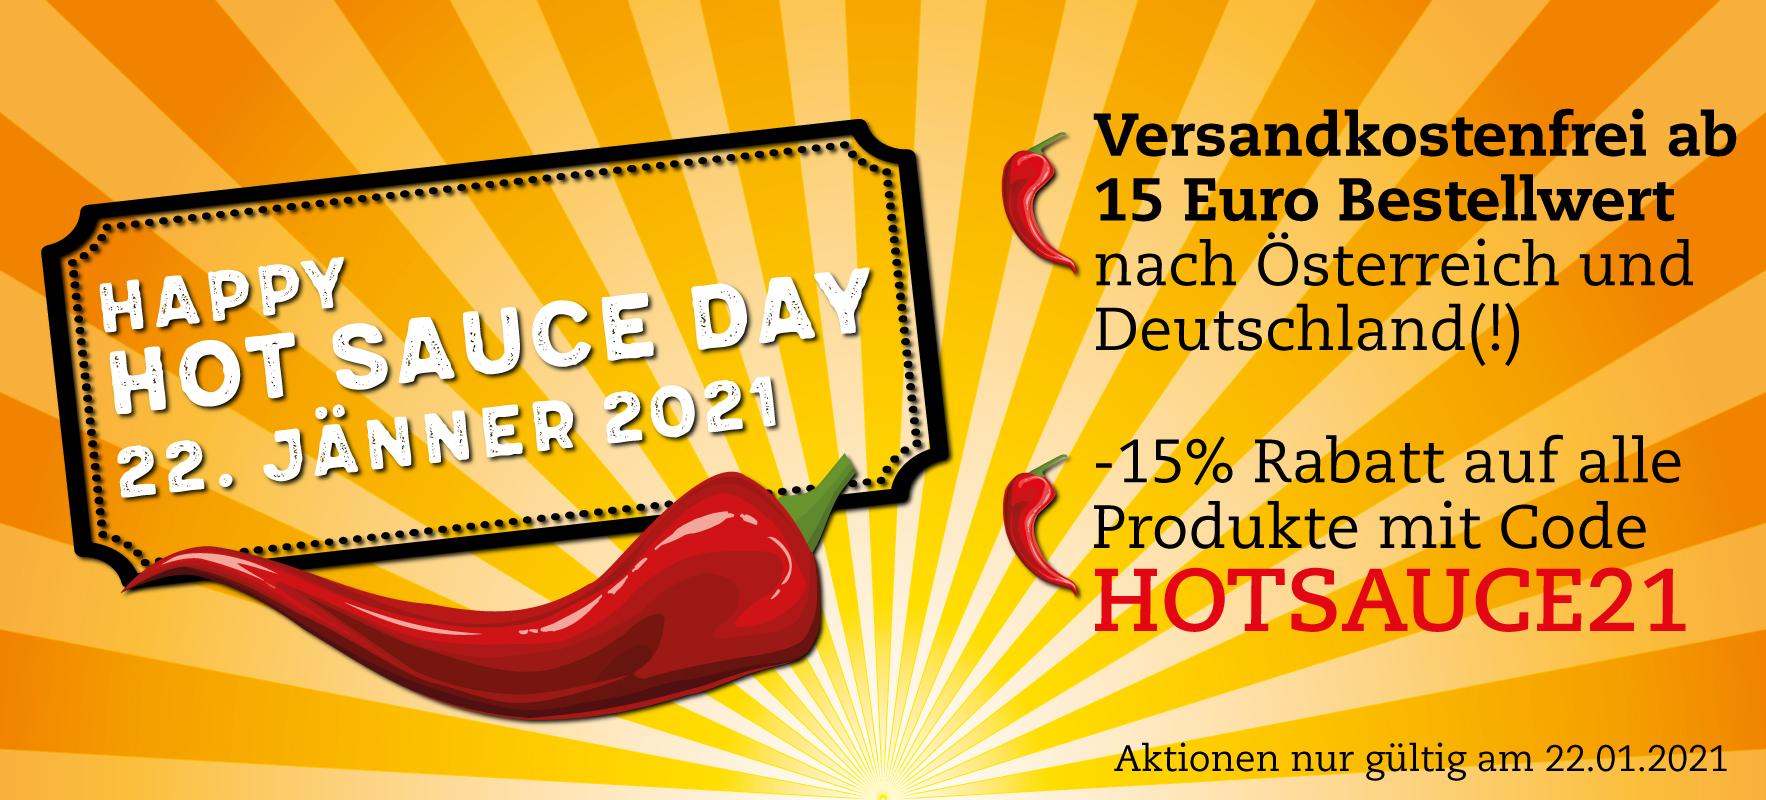 Fireland Foods: Hot Sauce Day, 15% Rabatt und kostenlose Lieferung